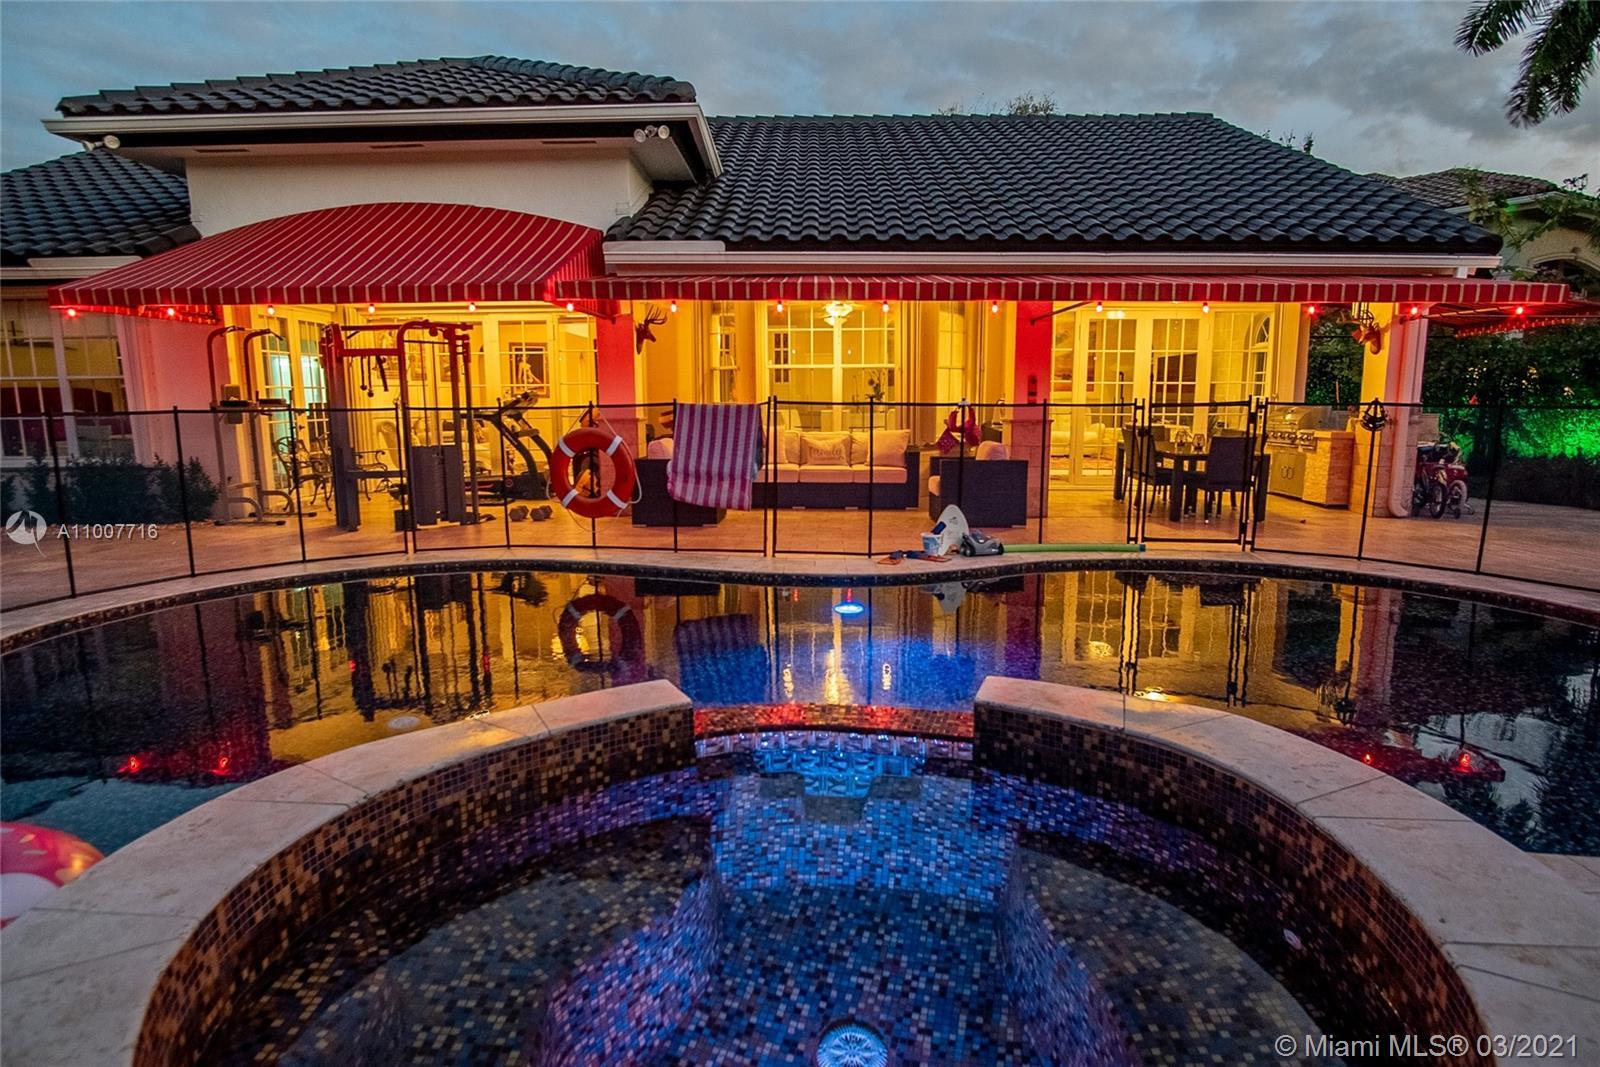 Miami Lakes - 8355 NW 161st Ter, Miami Lakes, FL 33016